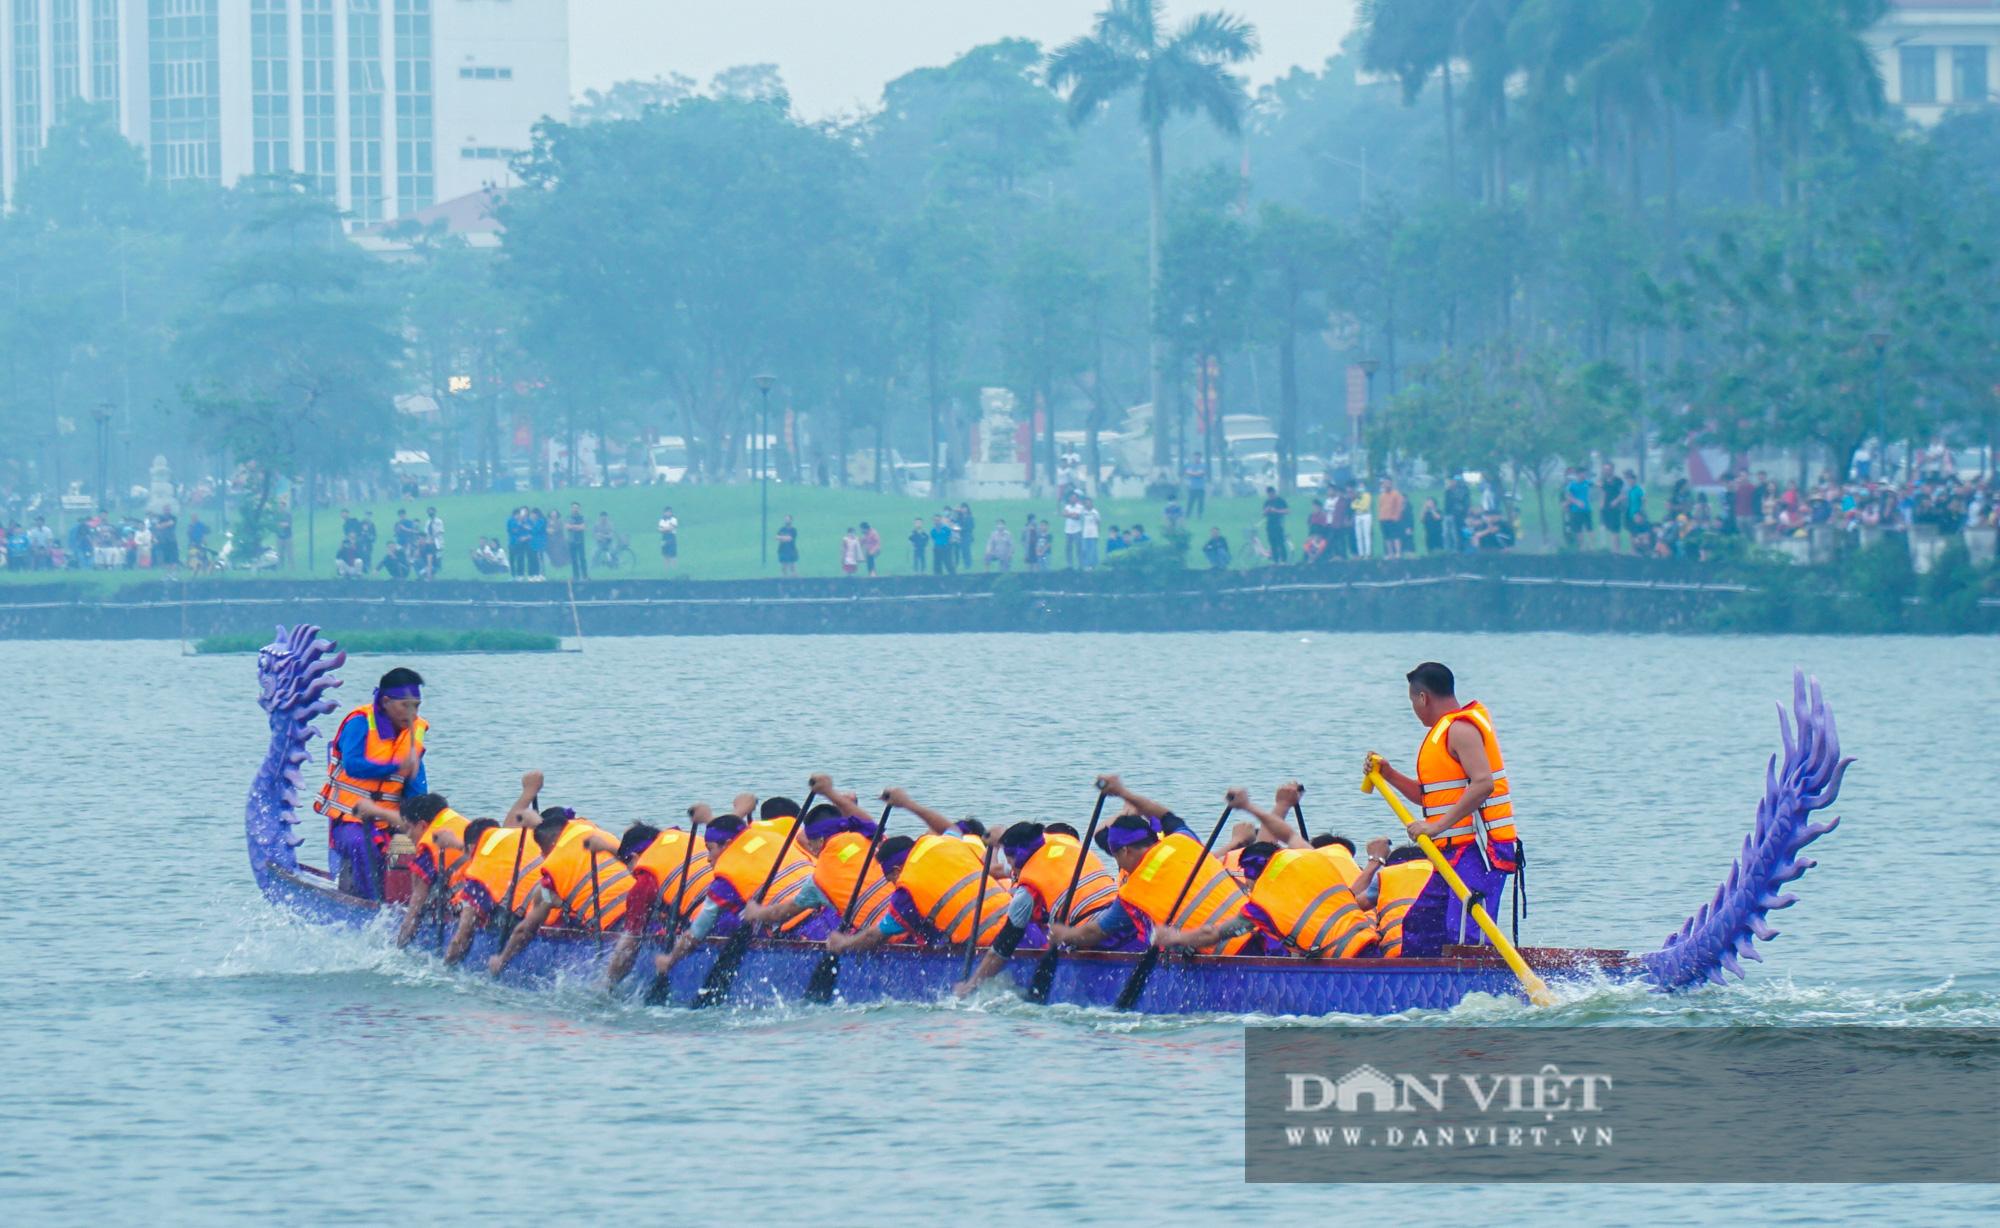 Phú Thọ: Kịch tính giải đua bơi chải chào mừng ngày giỗ Tổ Hùng Vương - Ảnh 5.